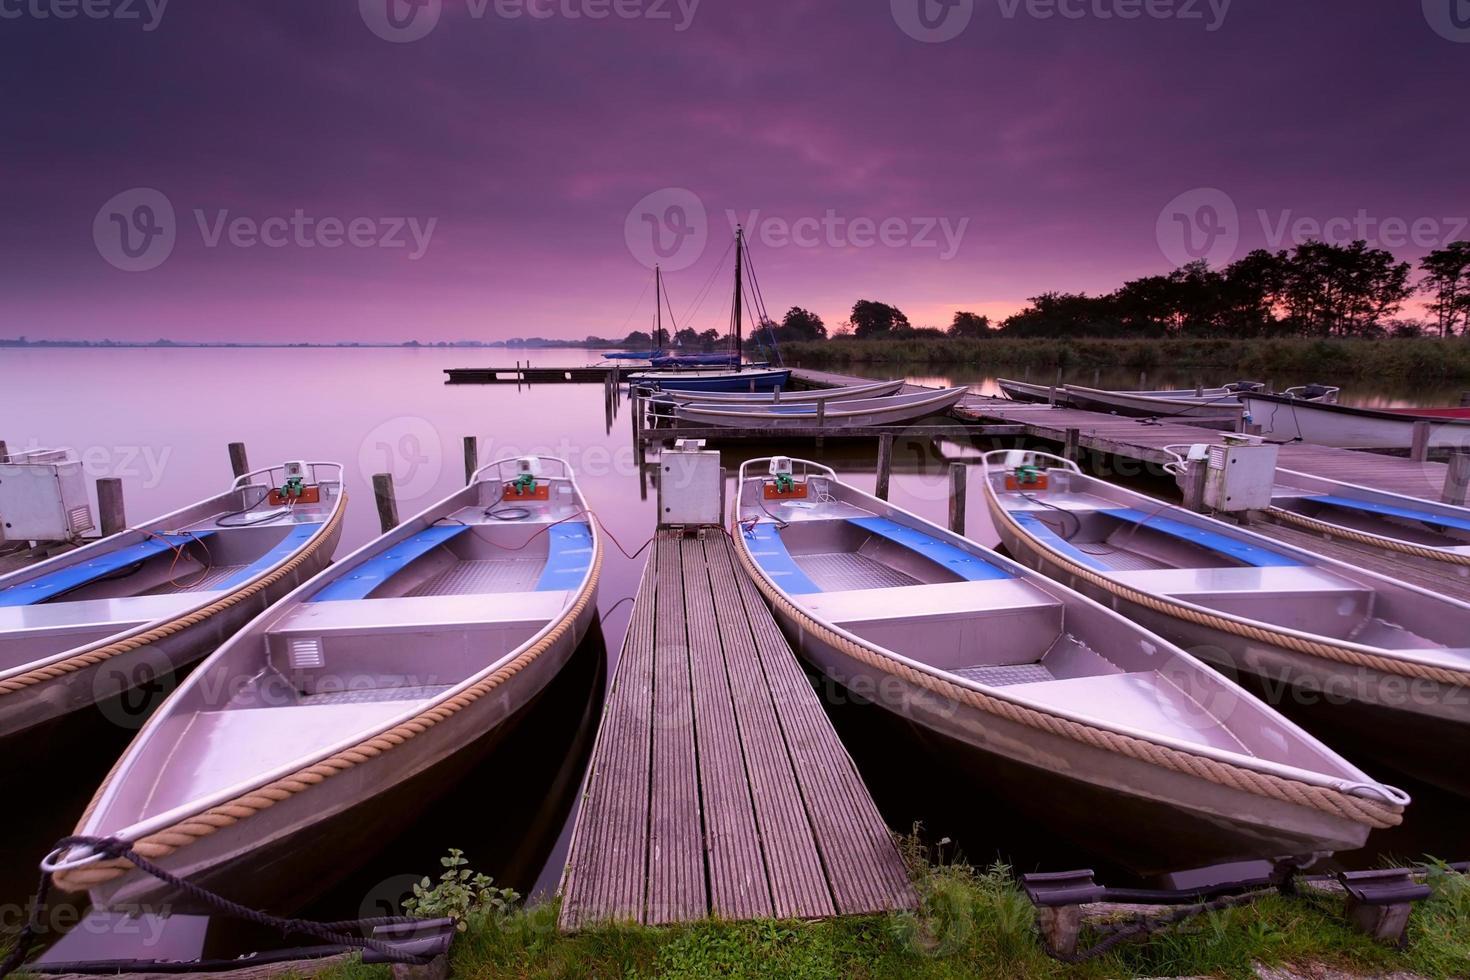 barche dal molo sul lago rifugio durante l'alba foto